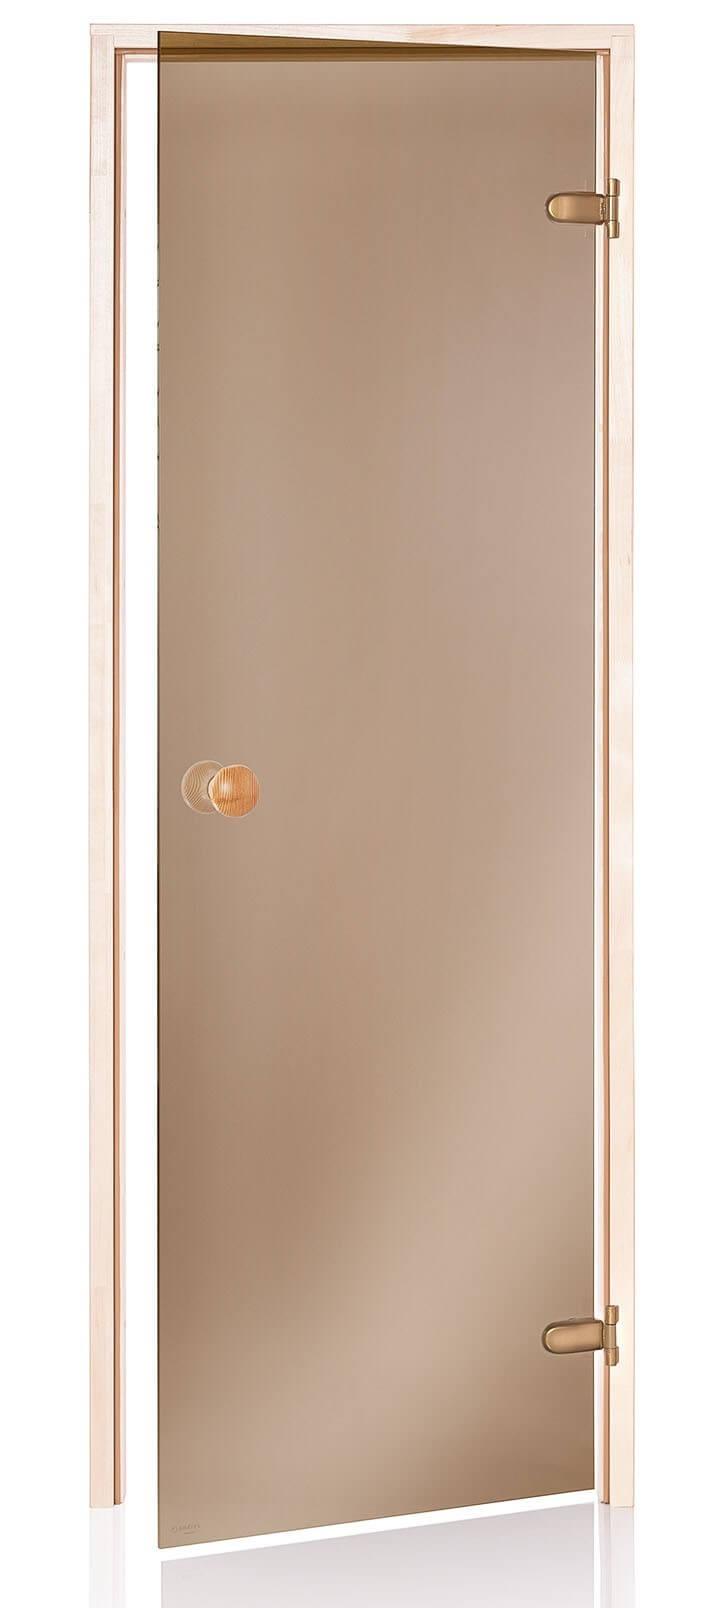 Desineo Porte de Sauna en Verre s/écurite 8 mm Cadre en pin 70 x 190 Bronze